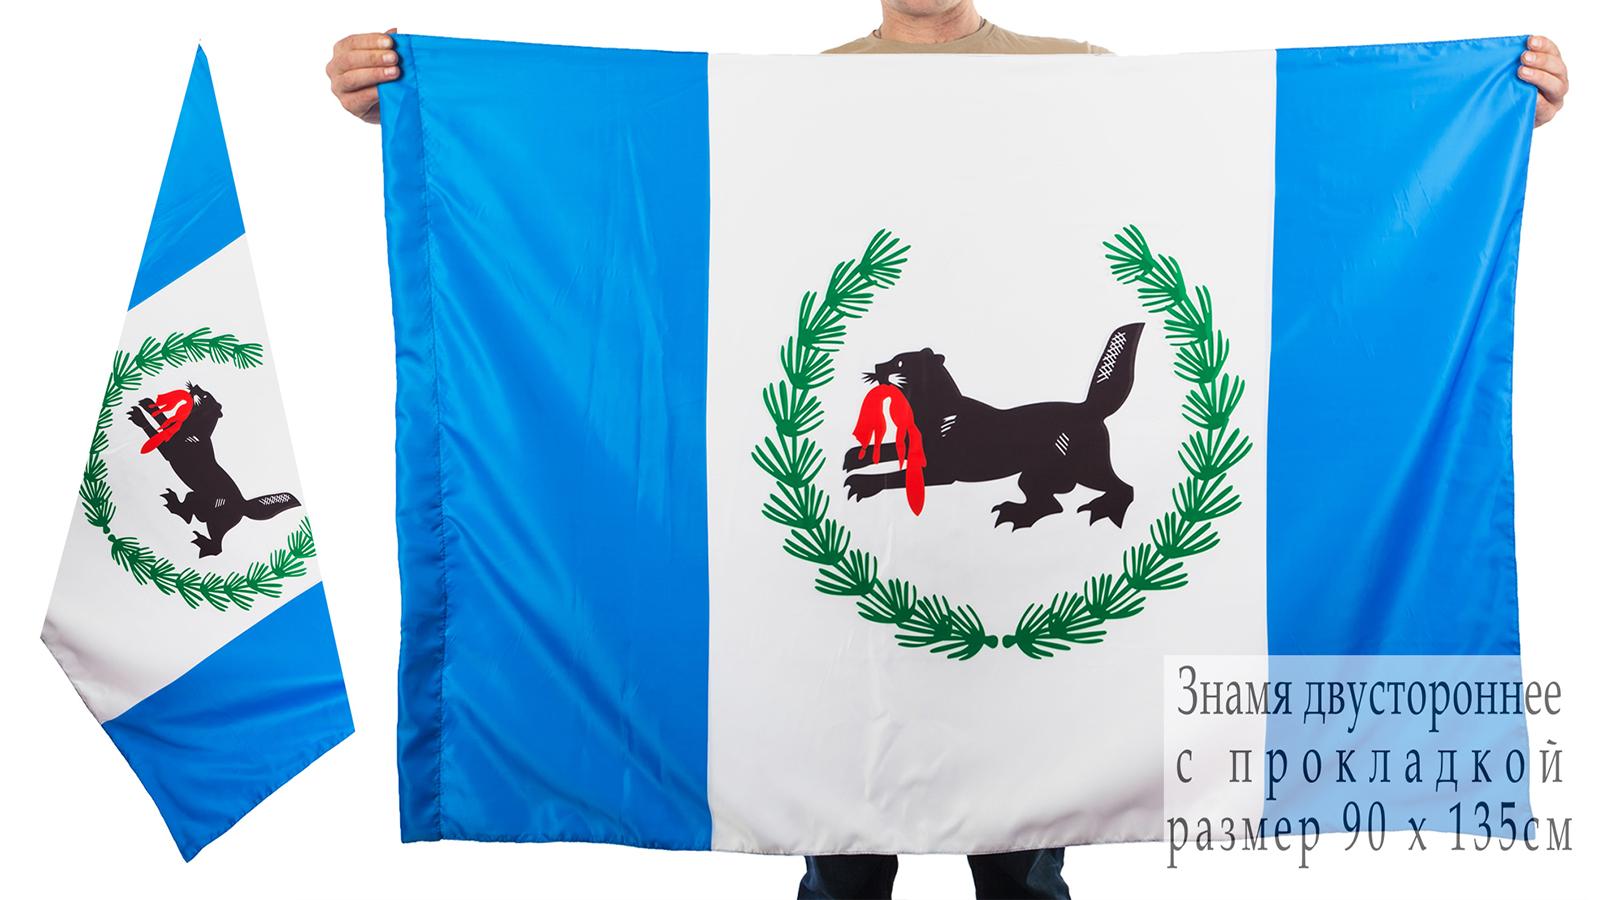 Двухсторонний флаг Иркутской области